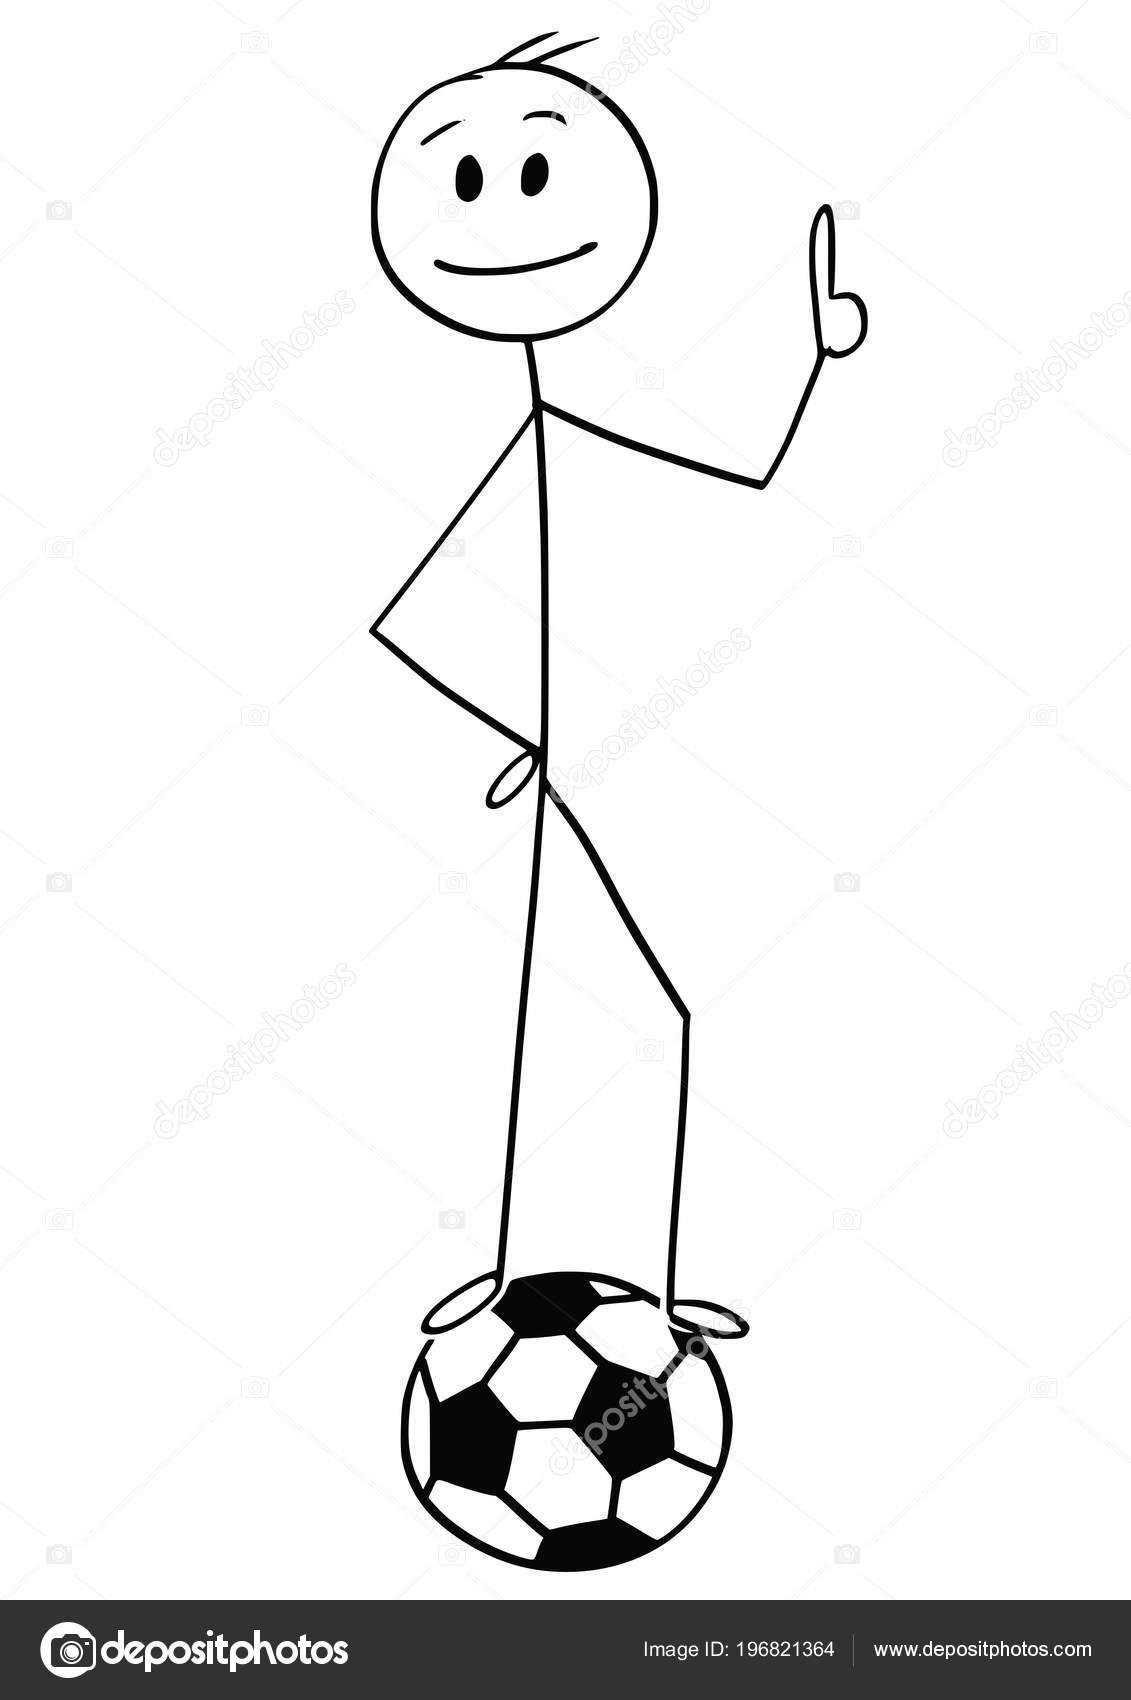 Cartoon Des Lachelns Fussball Oder Fussball Spieler Am Ball